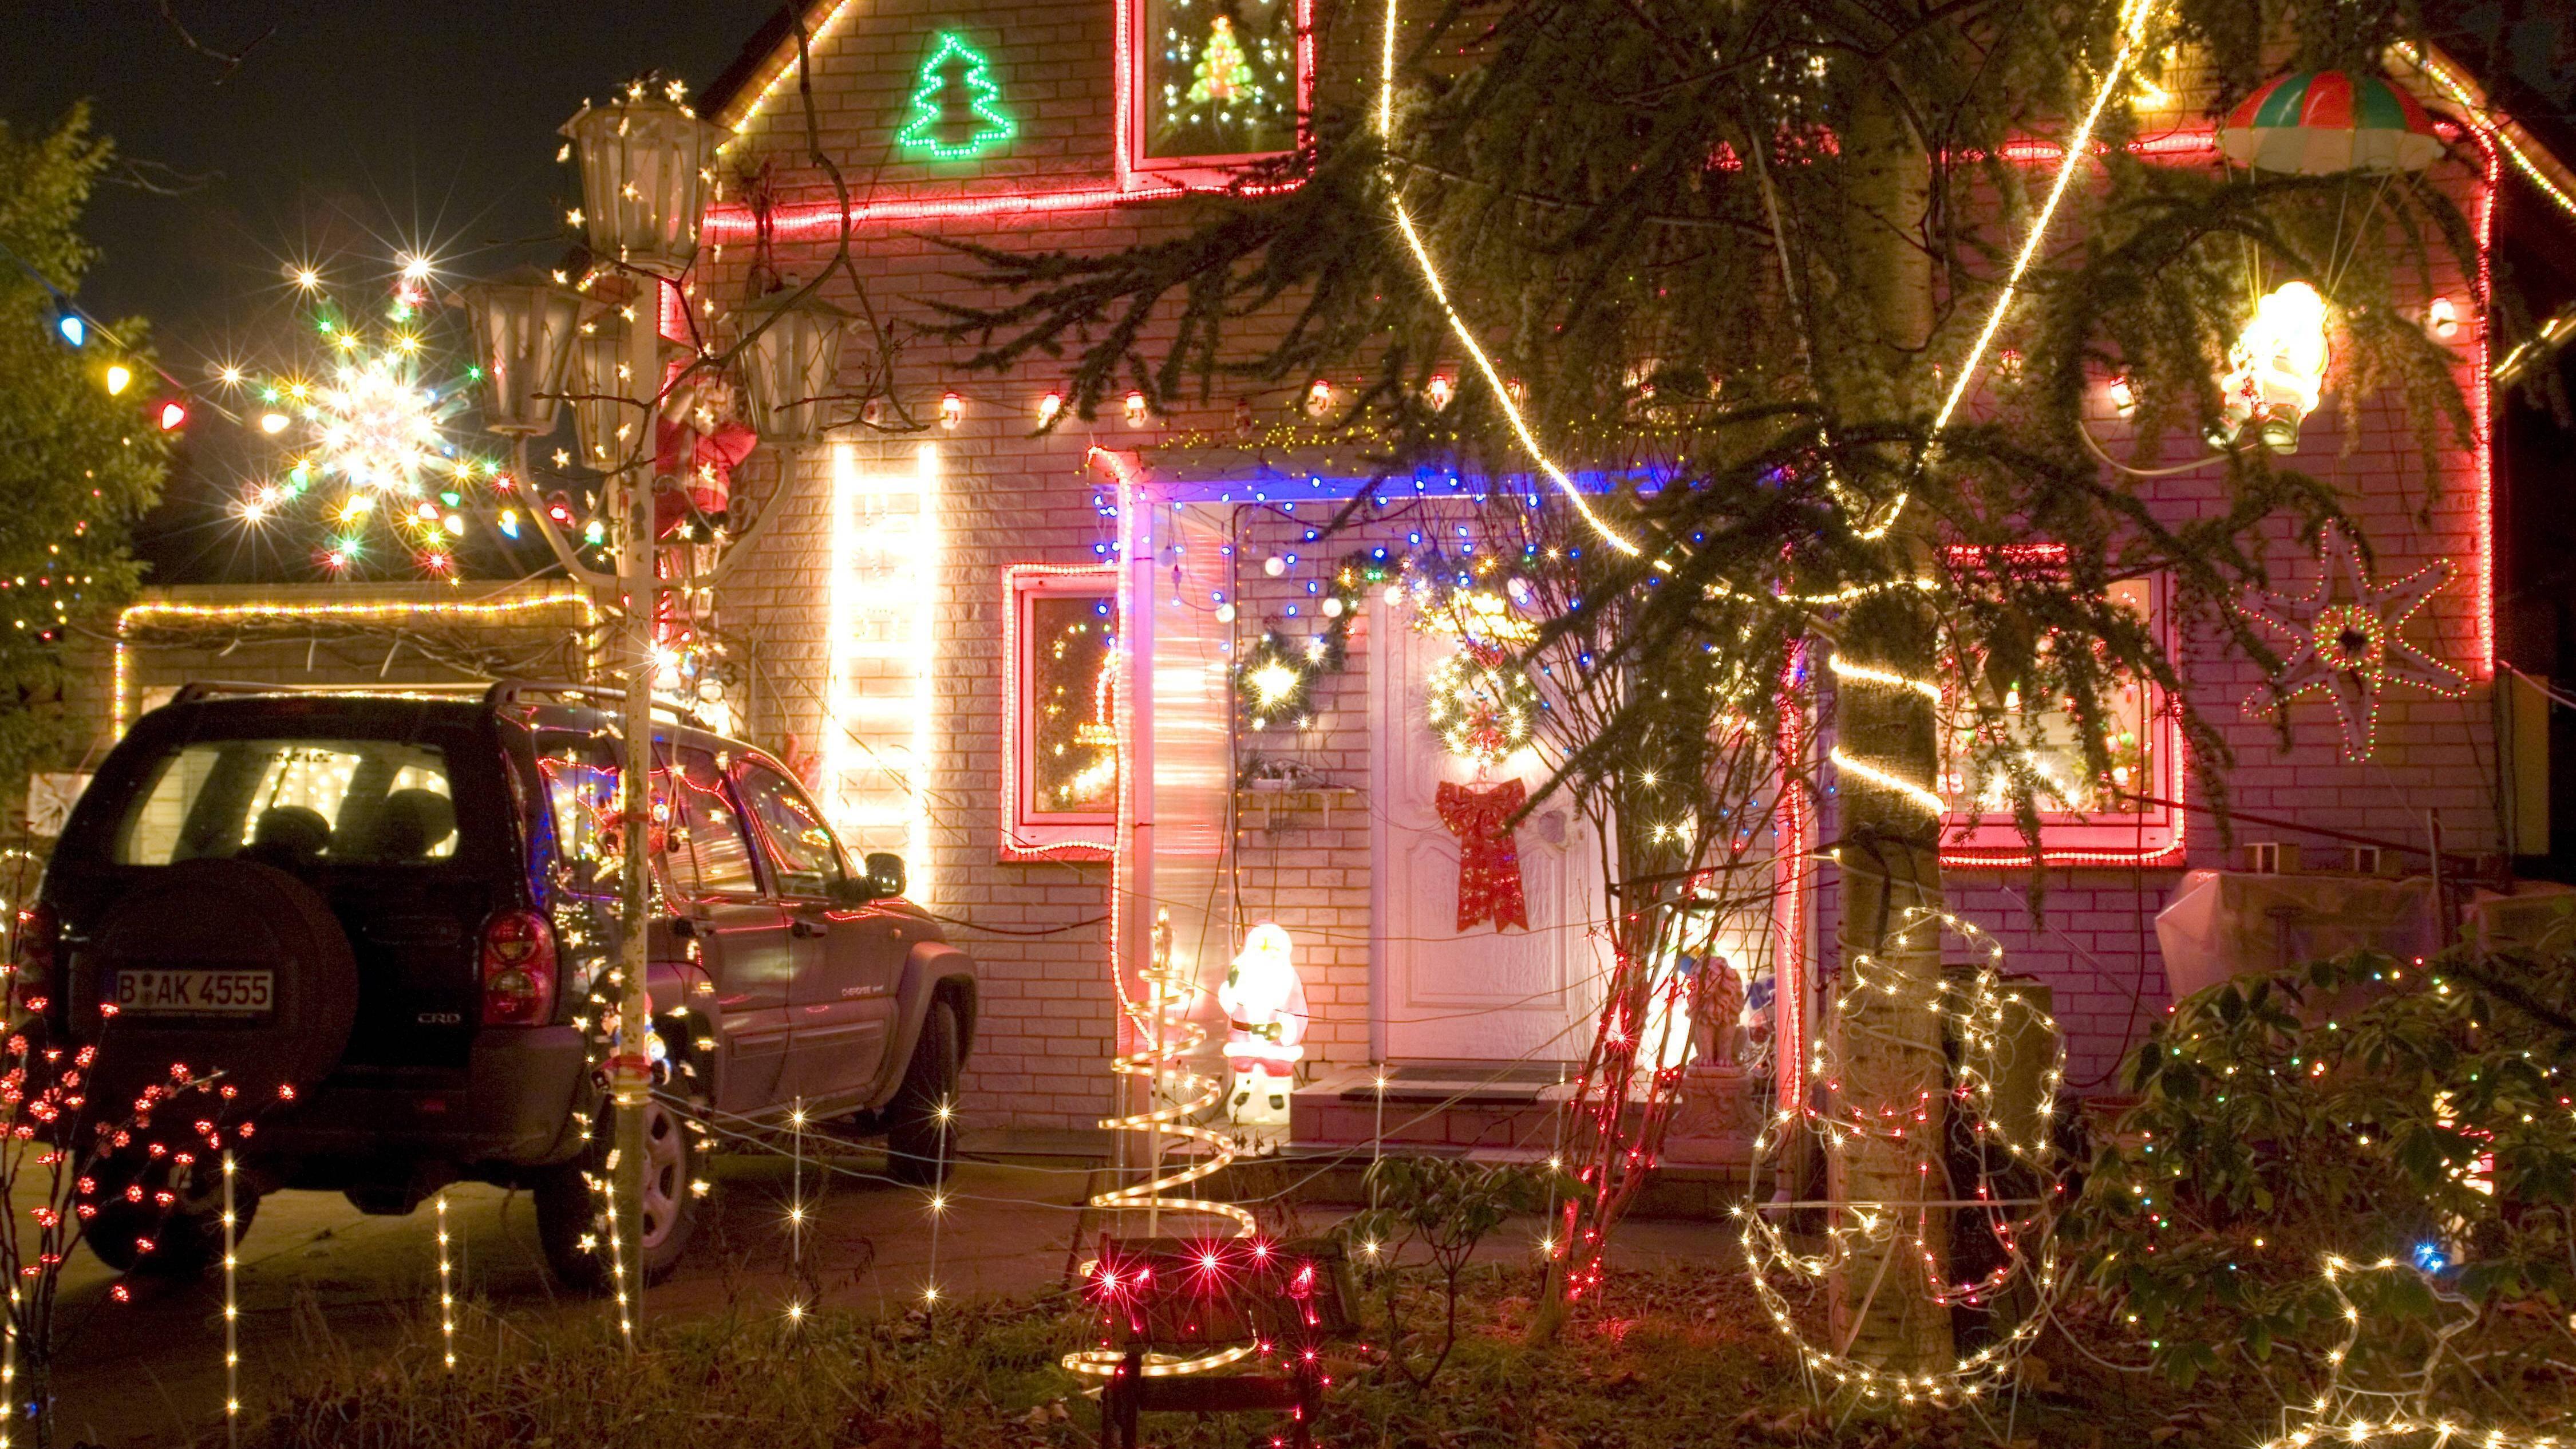 Geschmackssache: Weihnachtlich dekoriertes Einfamilienhaus in Berlin